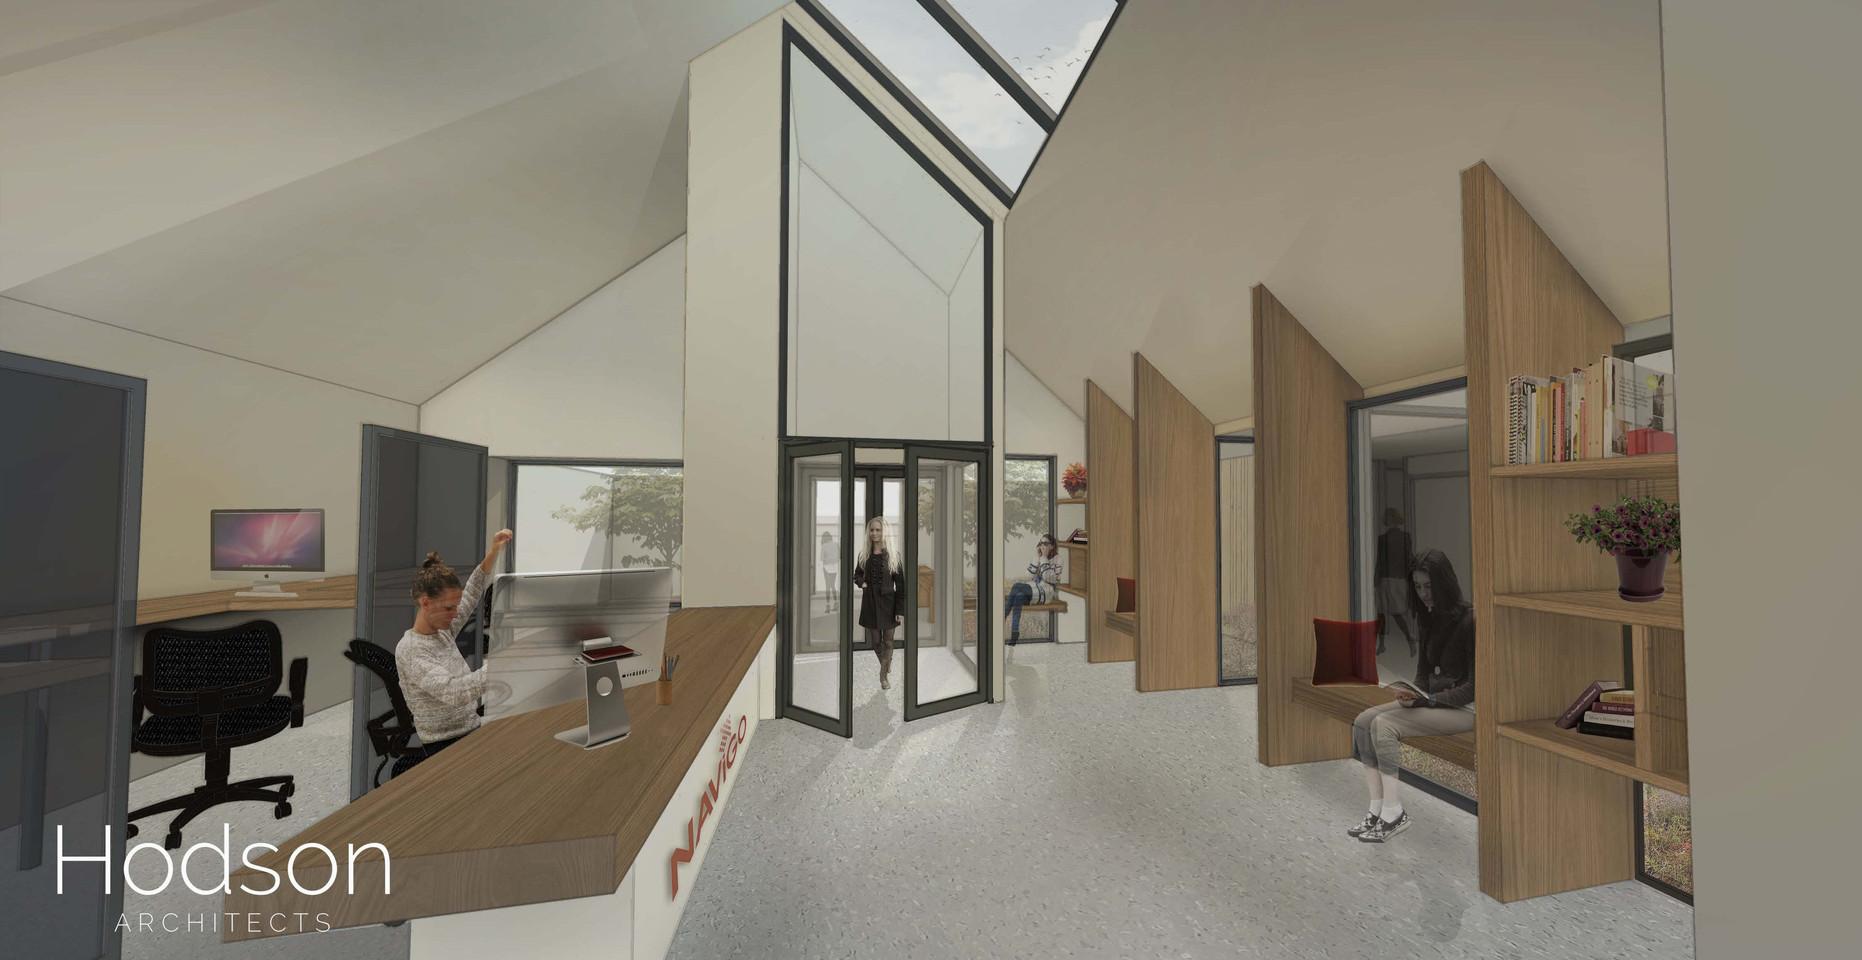 Hodson Architects - EDU Reception visual